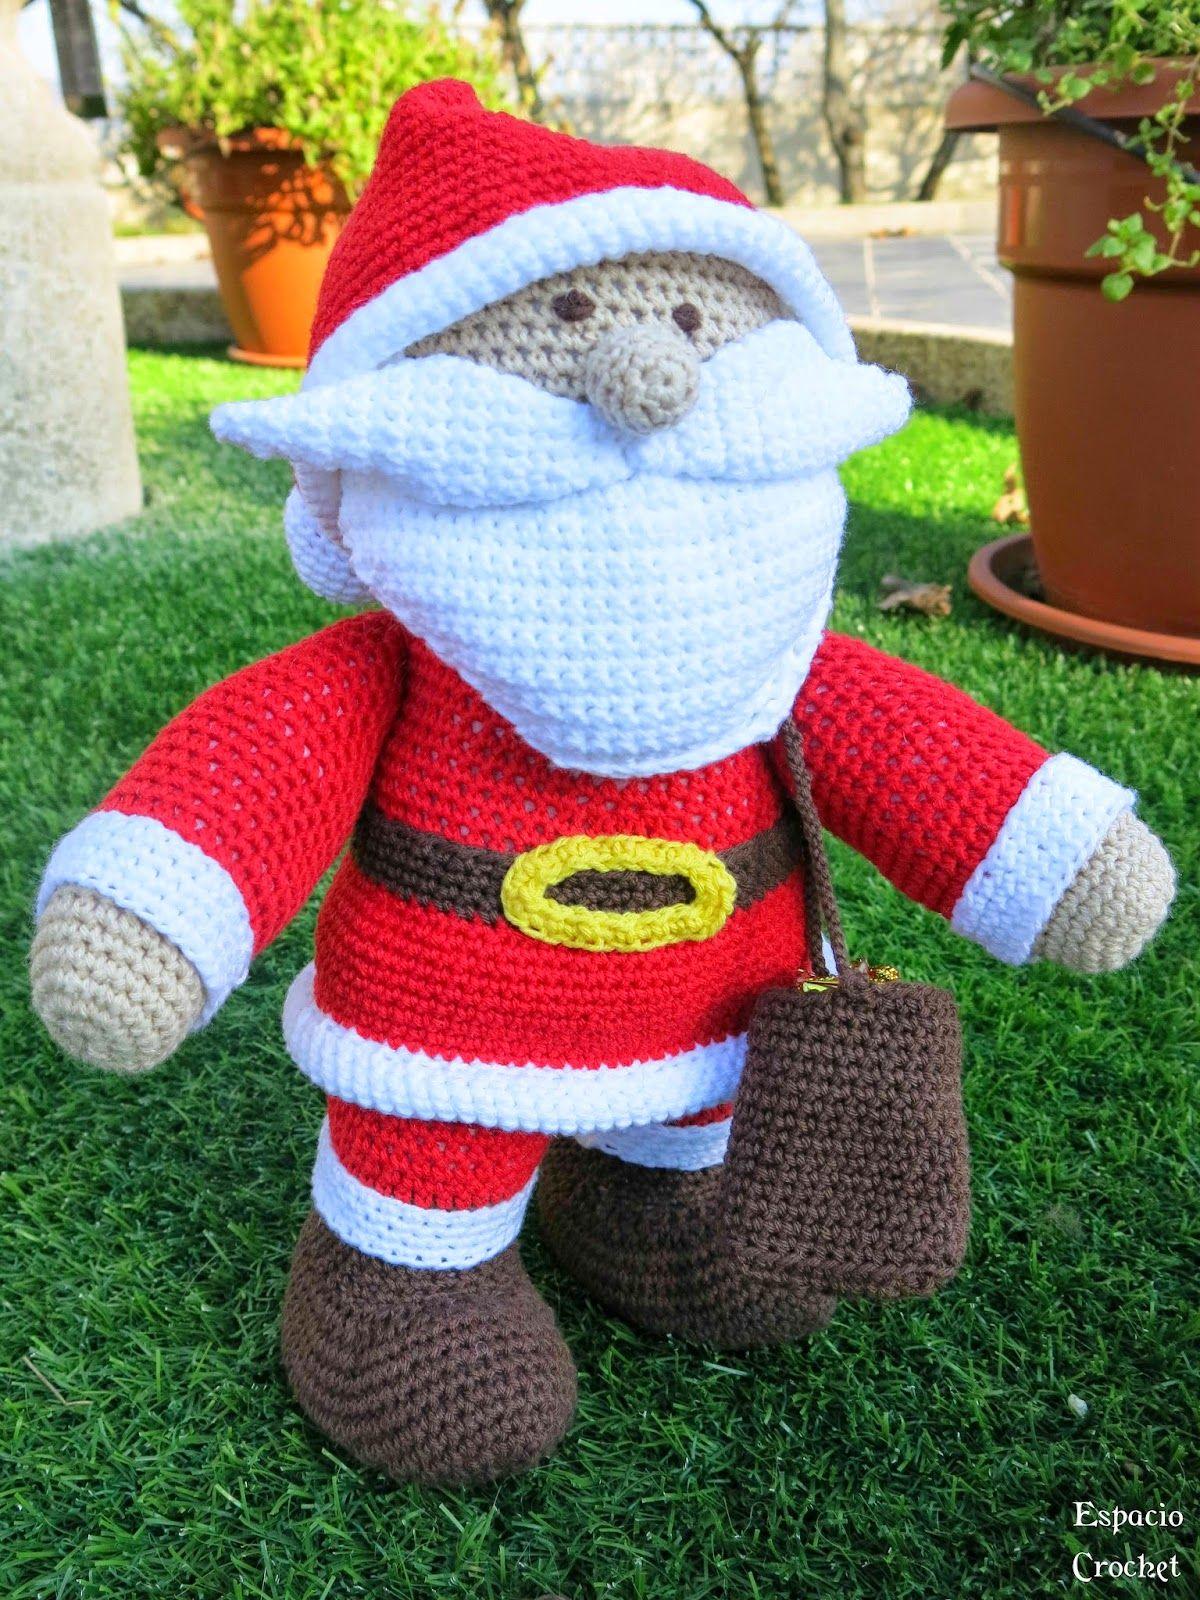 Espacio Crochet: Papá Noel Amigurumi   Crochet: Amigurumis ...